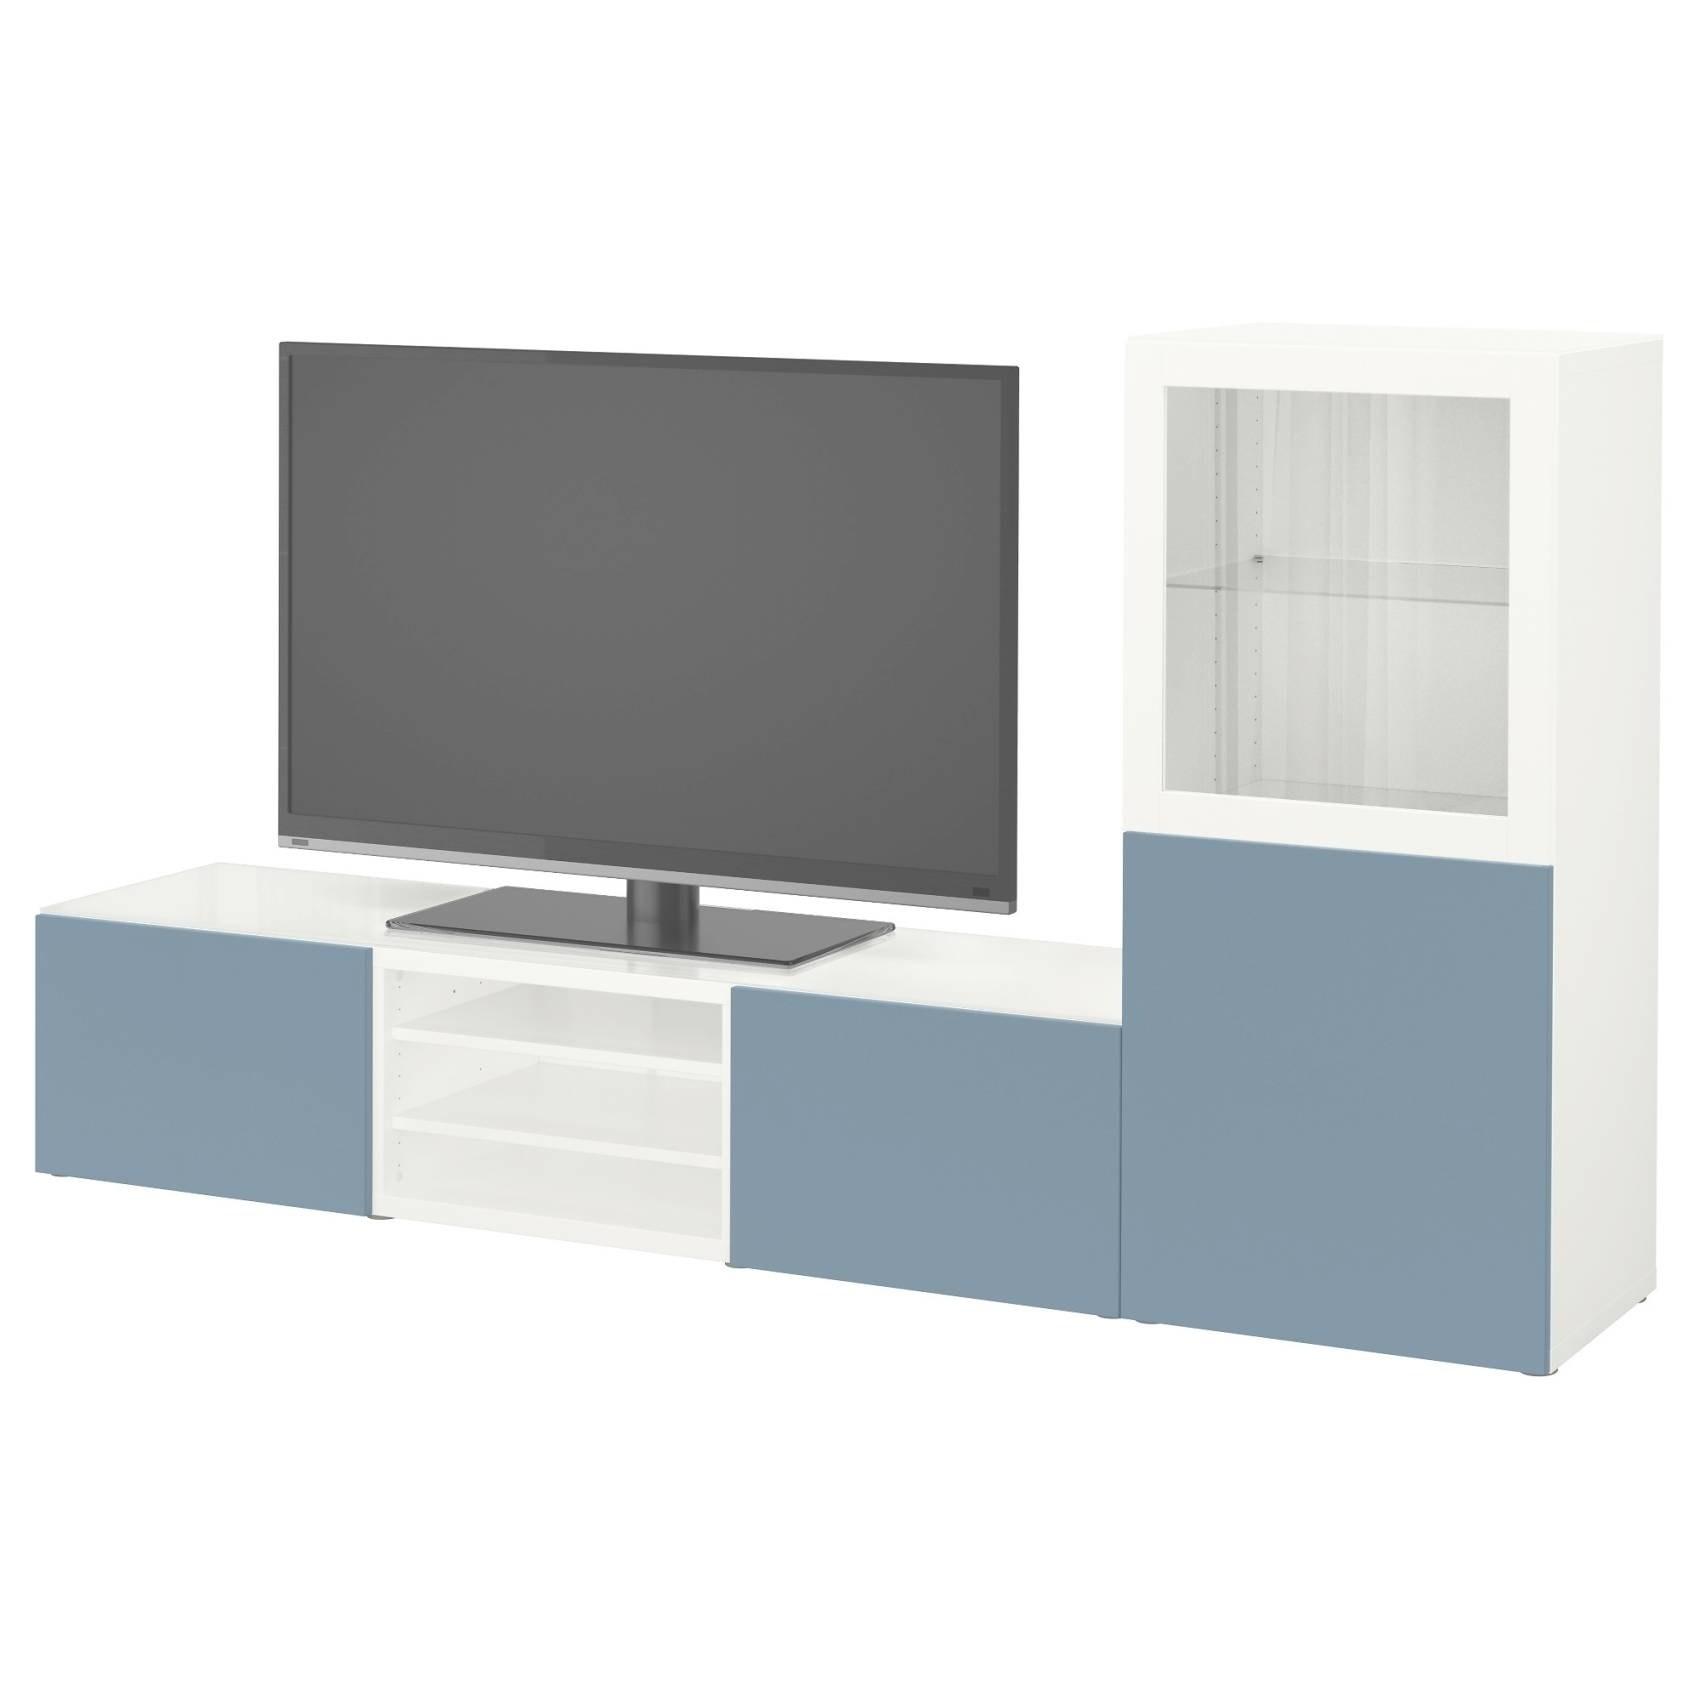 Meuble Tv Hauteur 80 Maison Et Mobilier D Int Rieur # Hauteur D'Un Meuble Tv